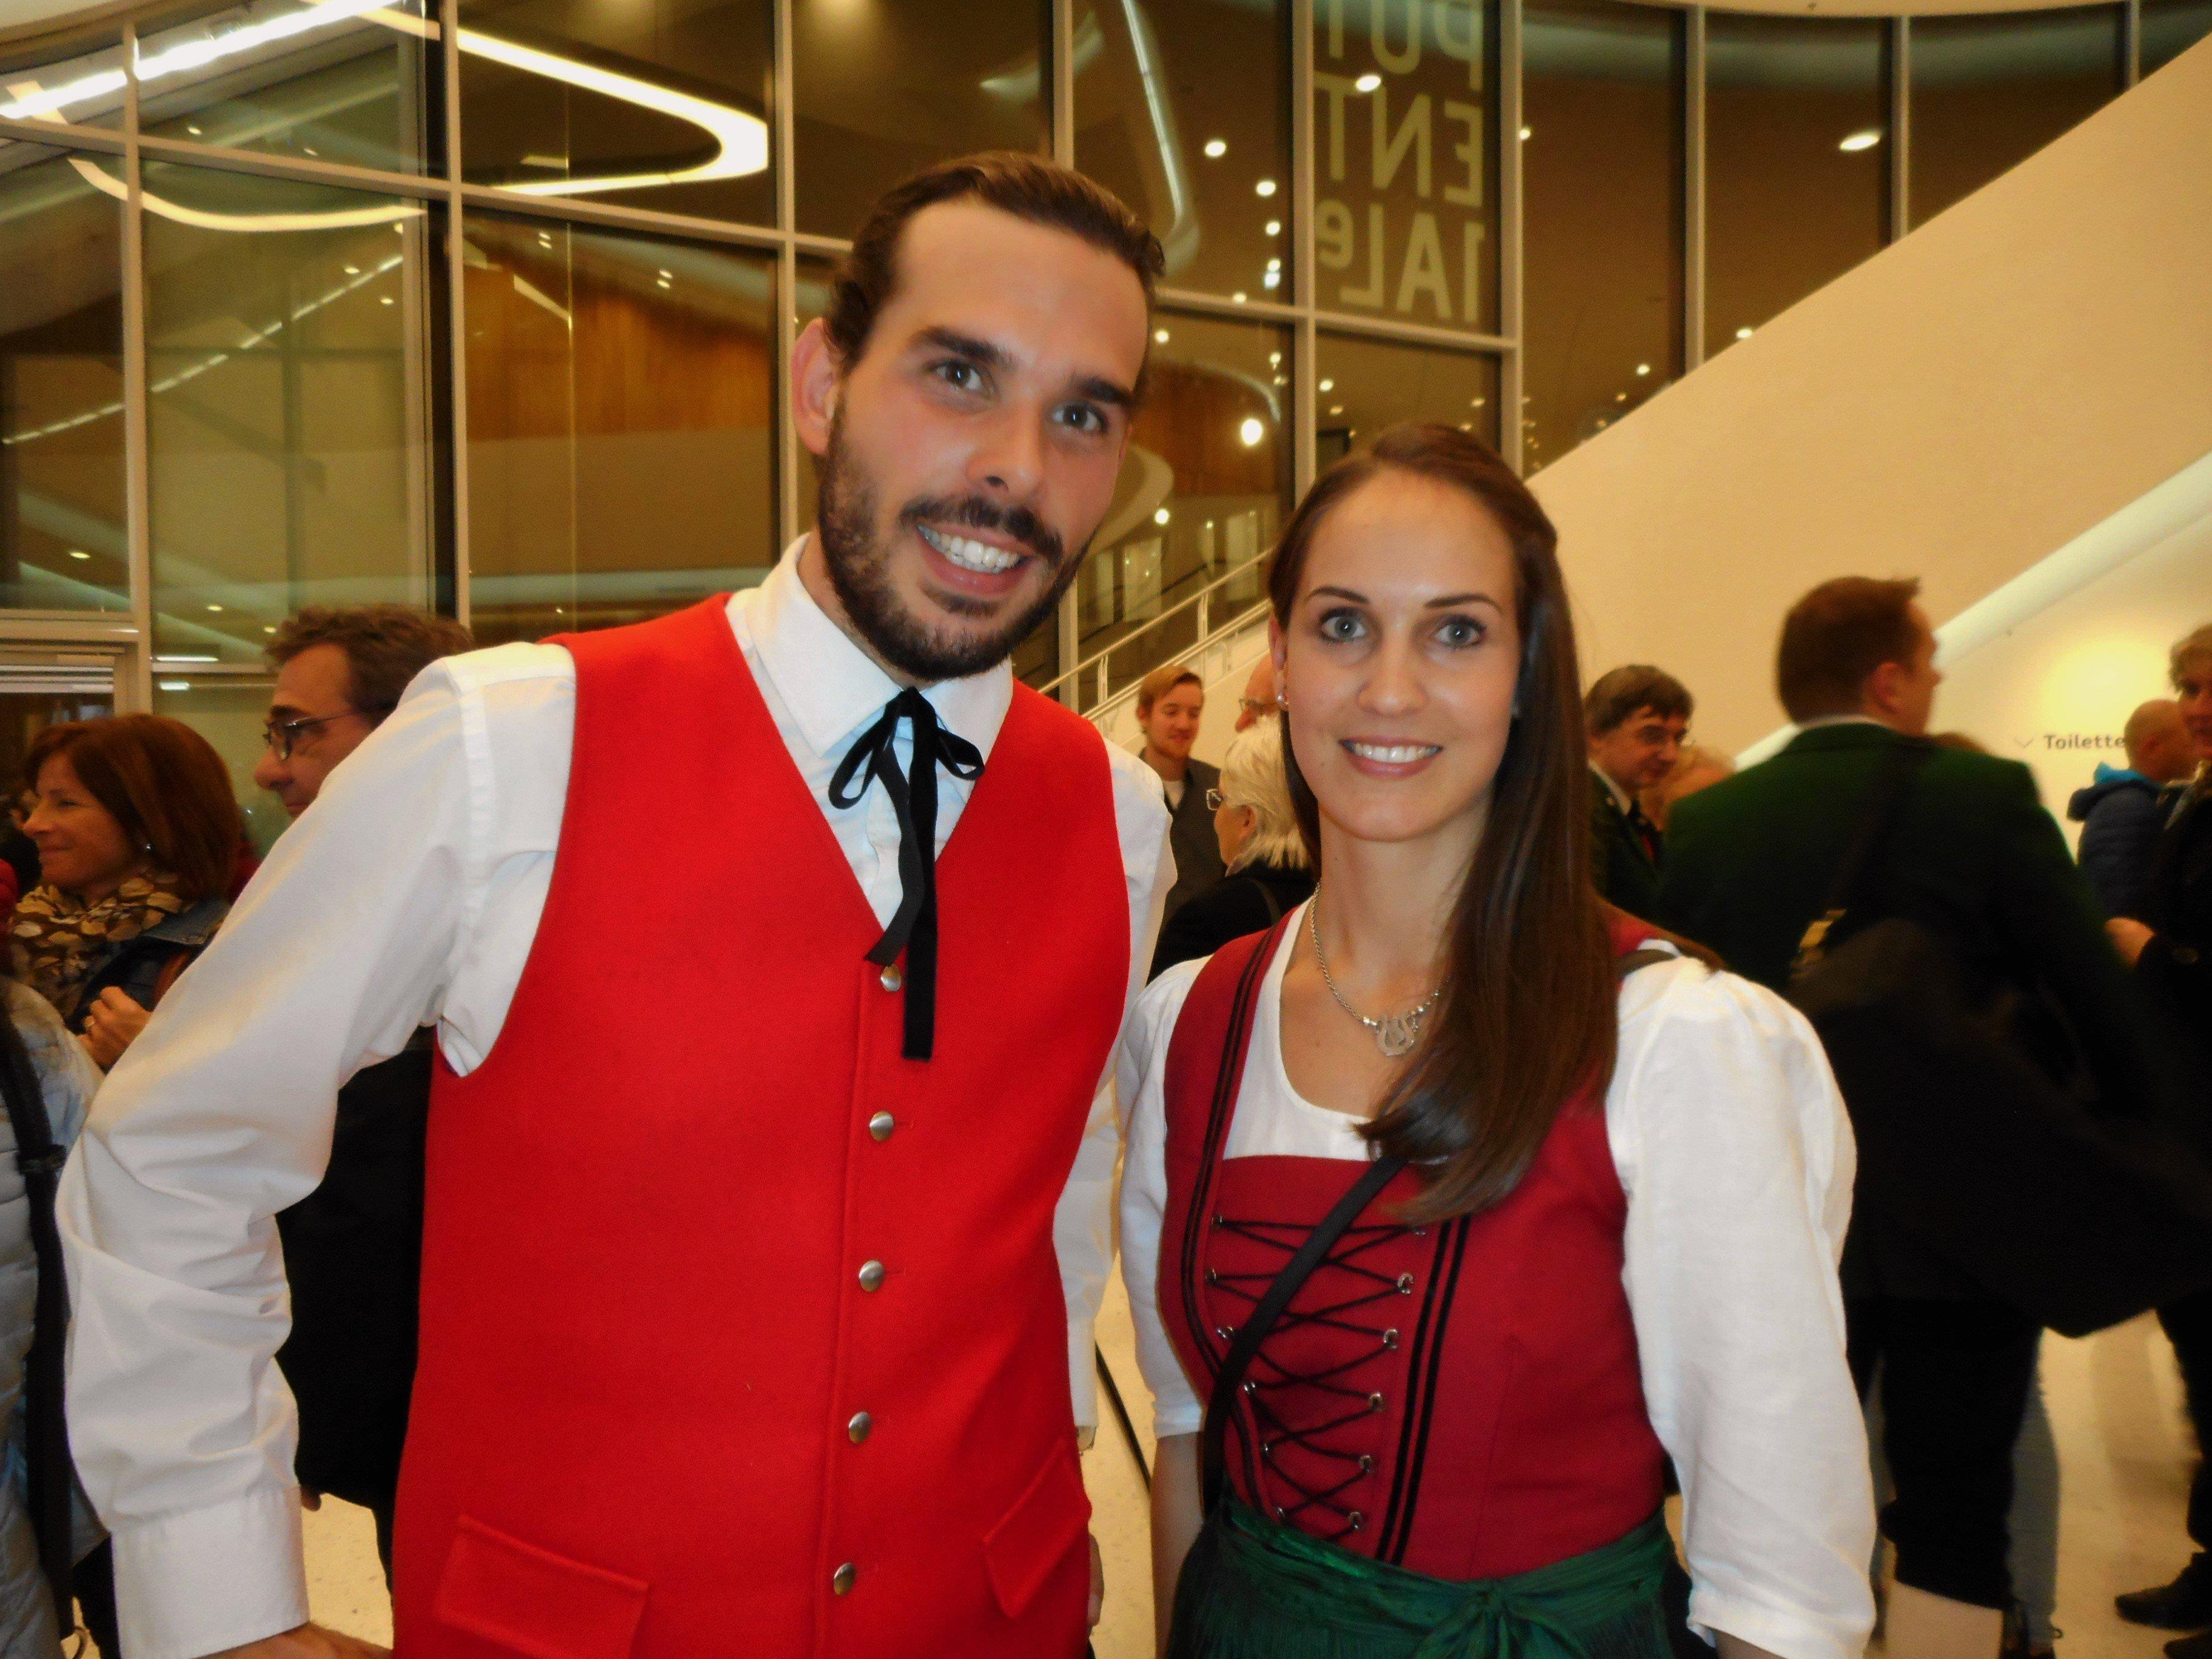 Kapellmeister Martin Pfeffer und Vereinsobfrau Melanie Obriejetan stehen für eine Blaskapelle von höchstem Niveau.